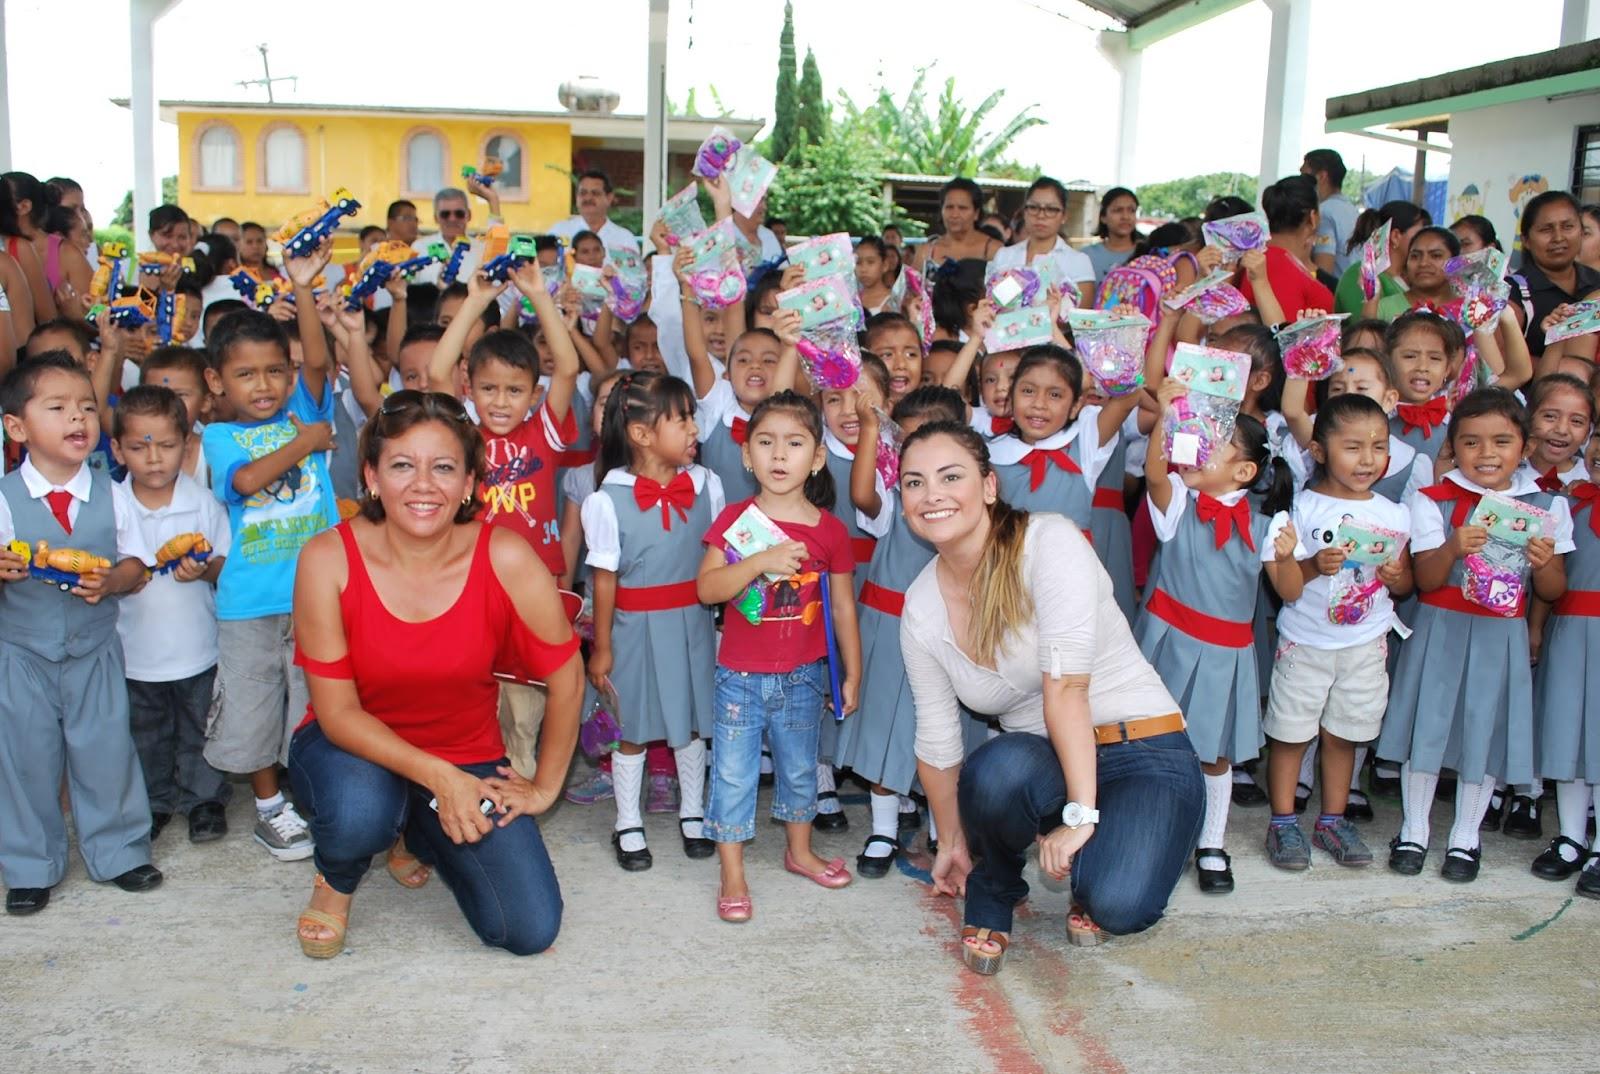 Baños Para Jardin Infantil: de bonitos regalos, los padres de familia recibieron de Nayeli Jarillo